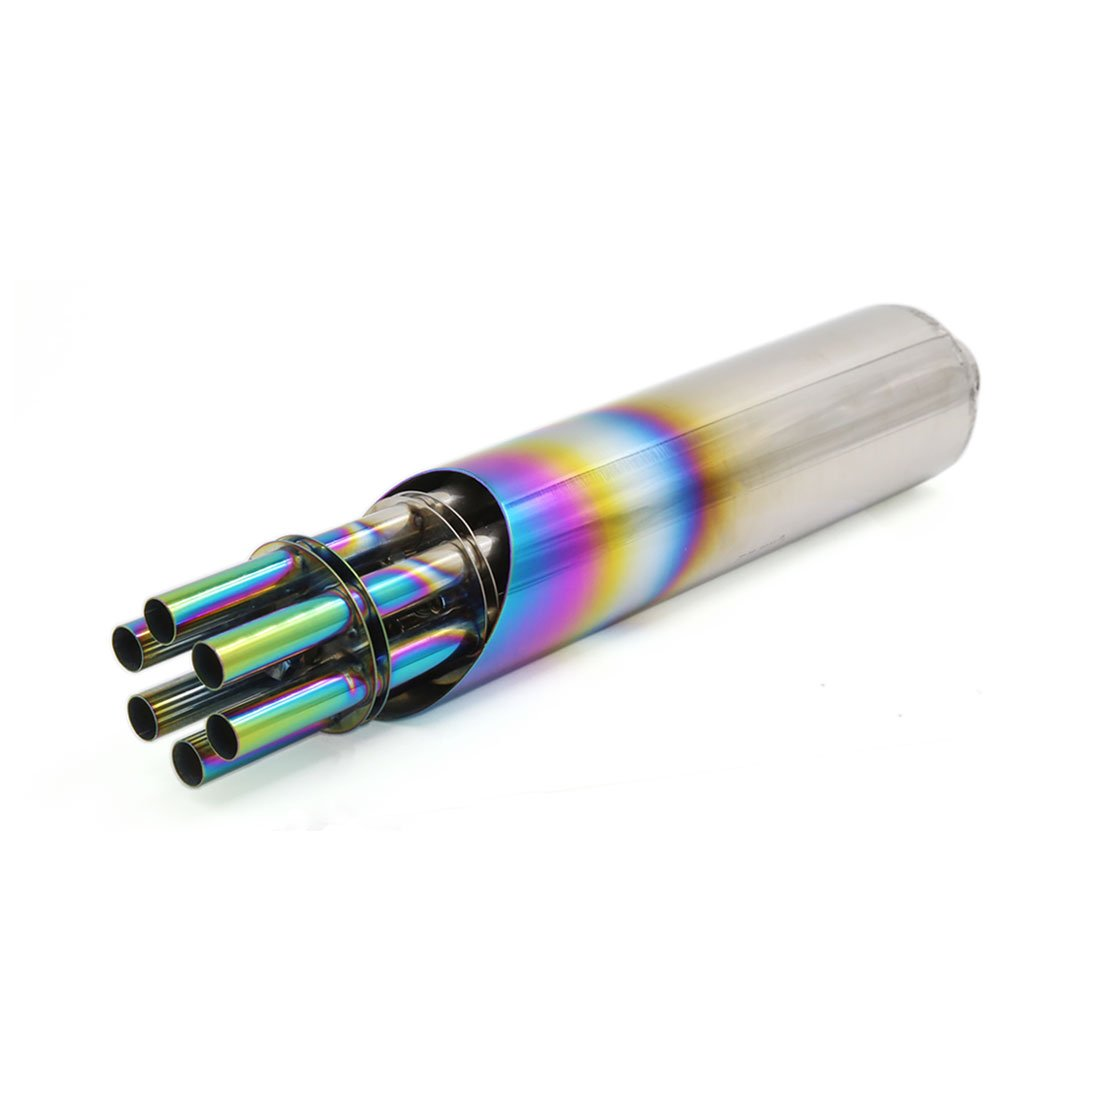 sourcingmap Moto universelle Mitrailleuse Coloré tuyau échappement échappement style 31mm admission a16032200ux0720